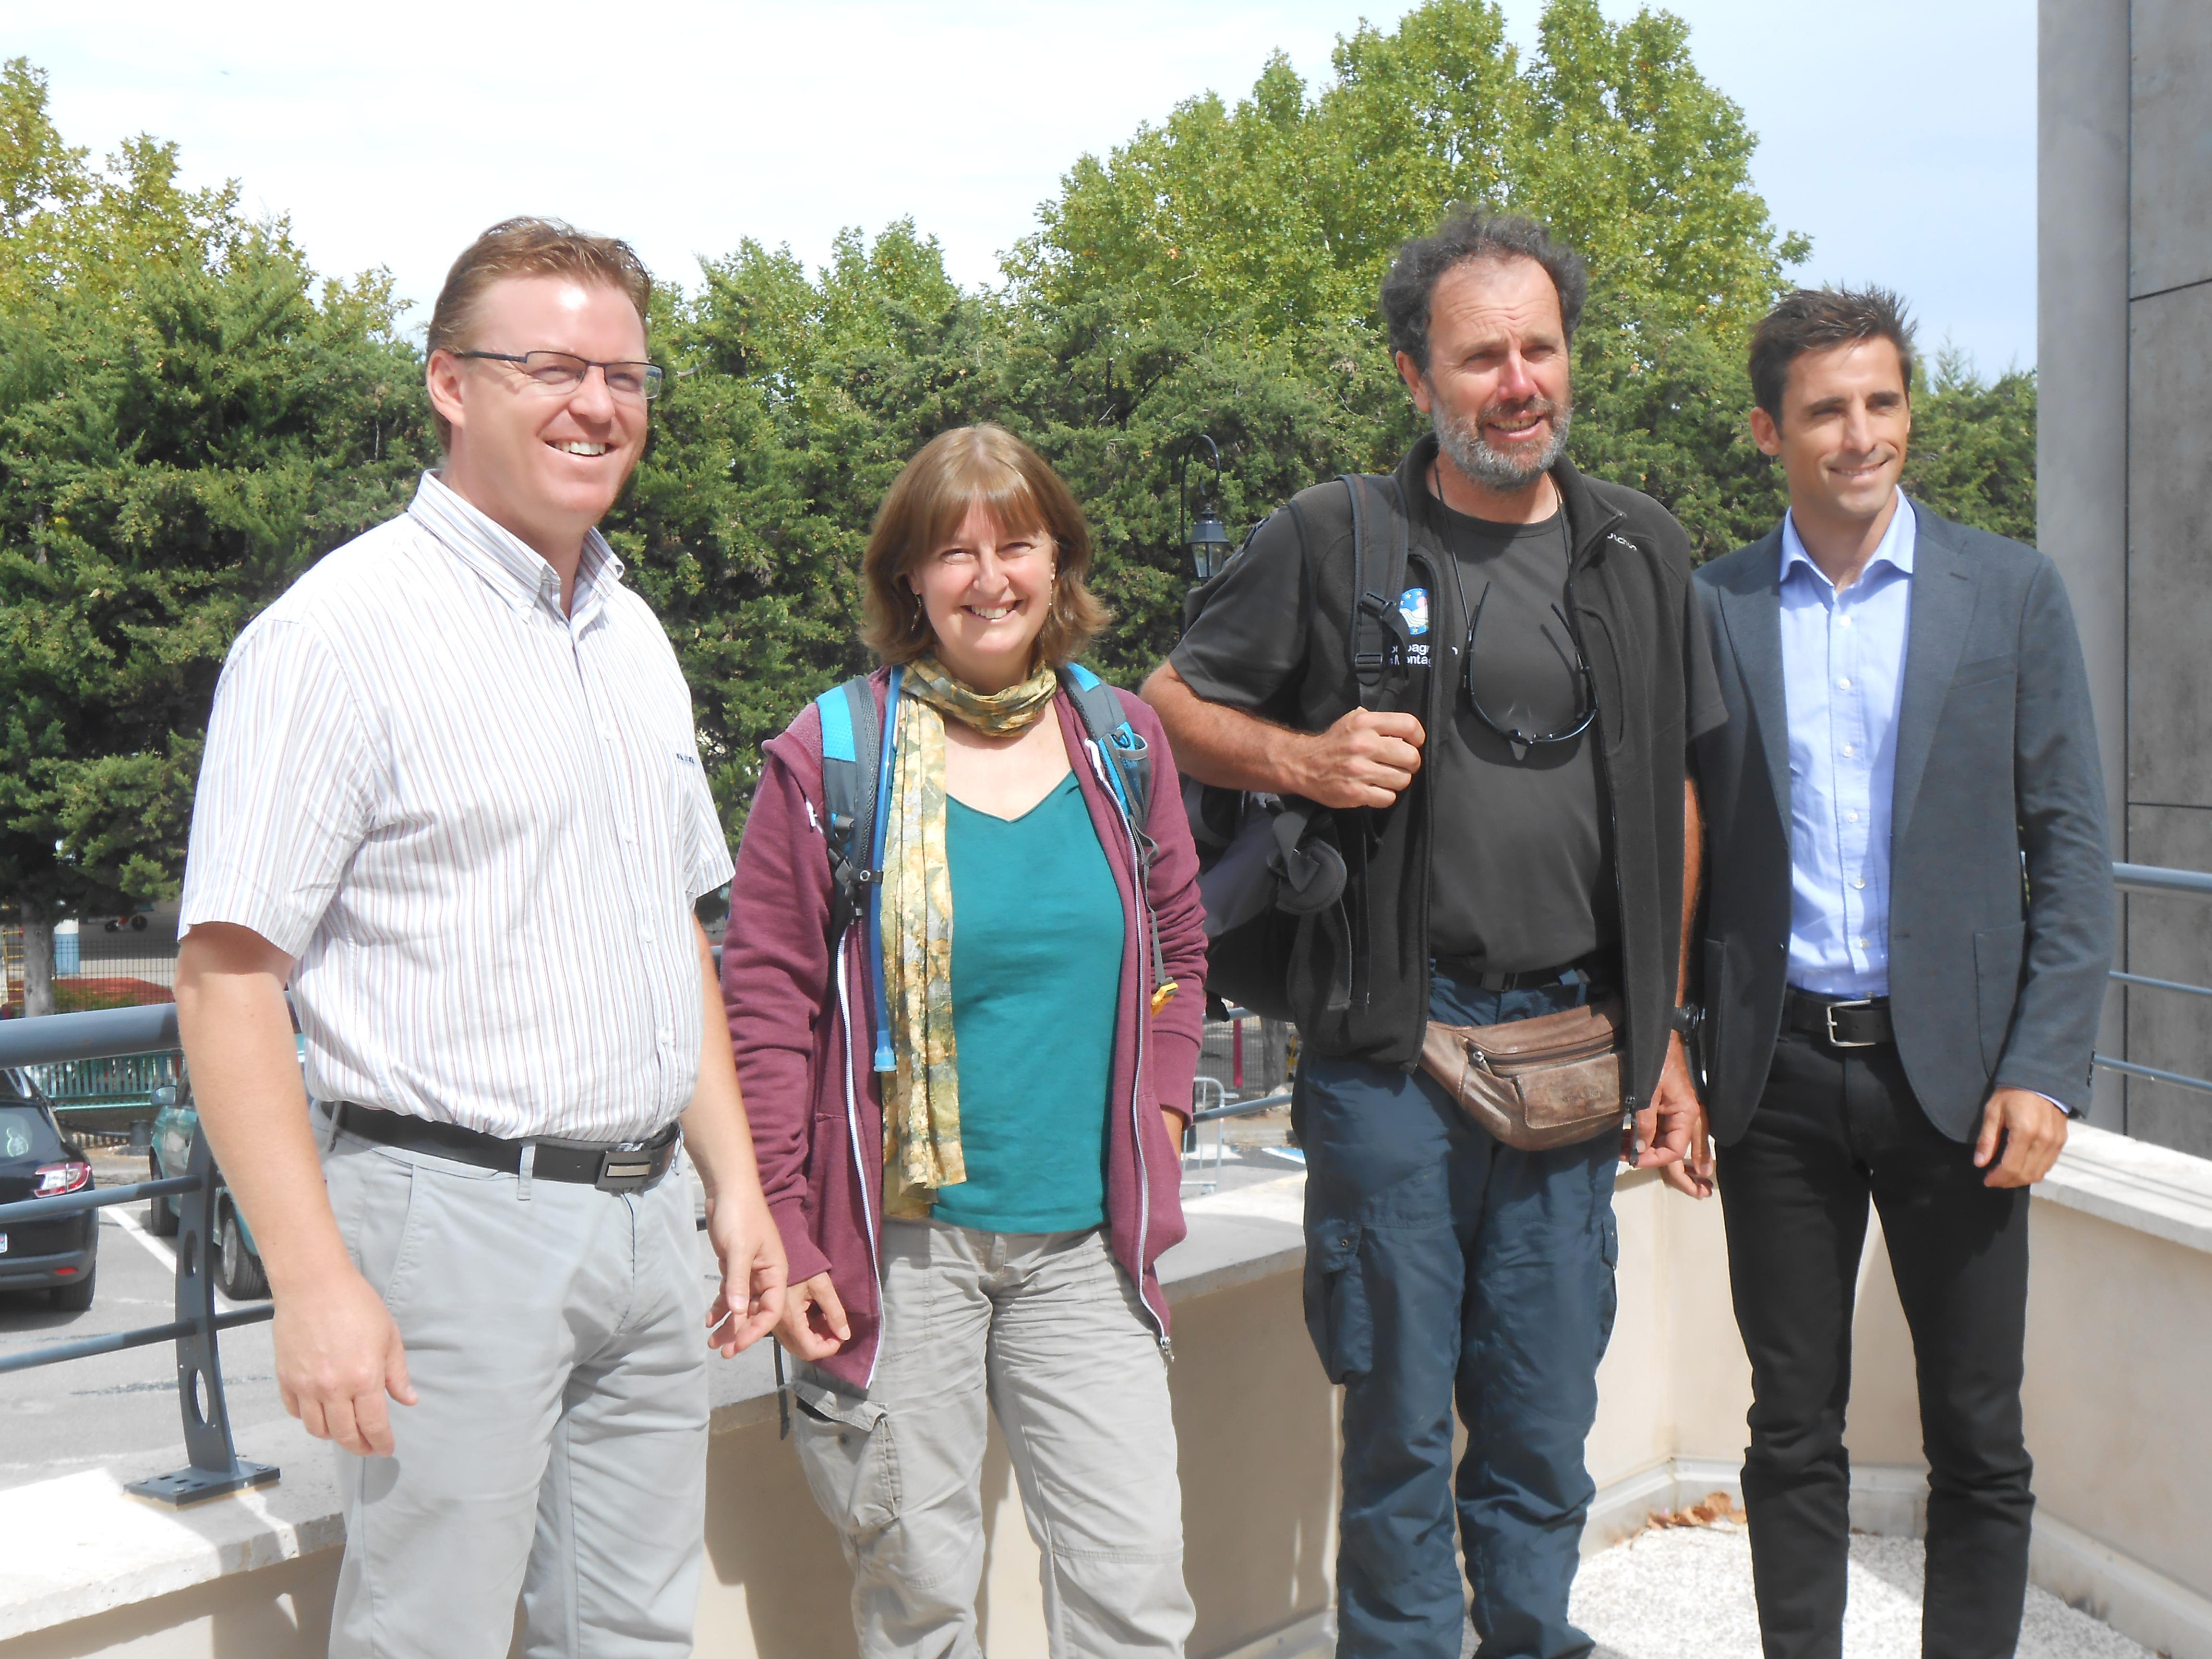 Jean-Frédéric Gonthier, Isabelle Murach, Pierre Paillat et Régis Bouron, responsable communication  des Thermes@Camille Garcia